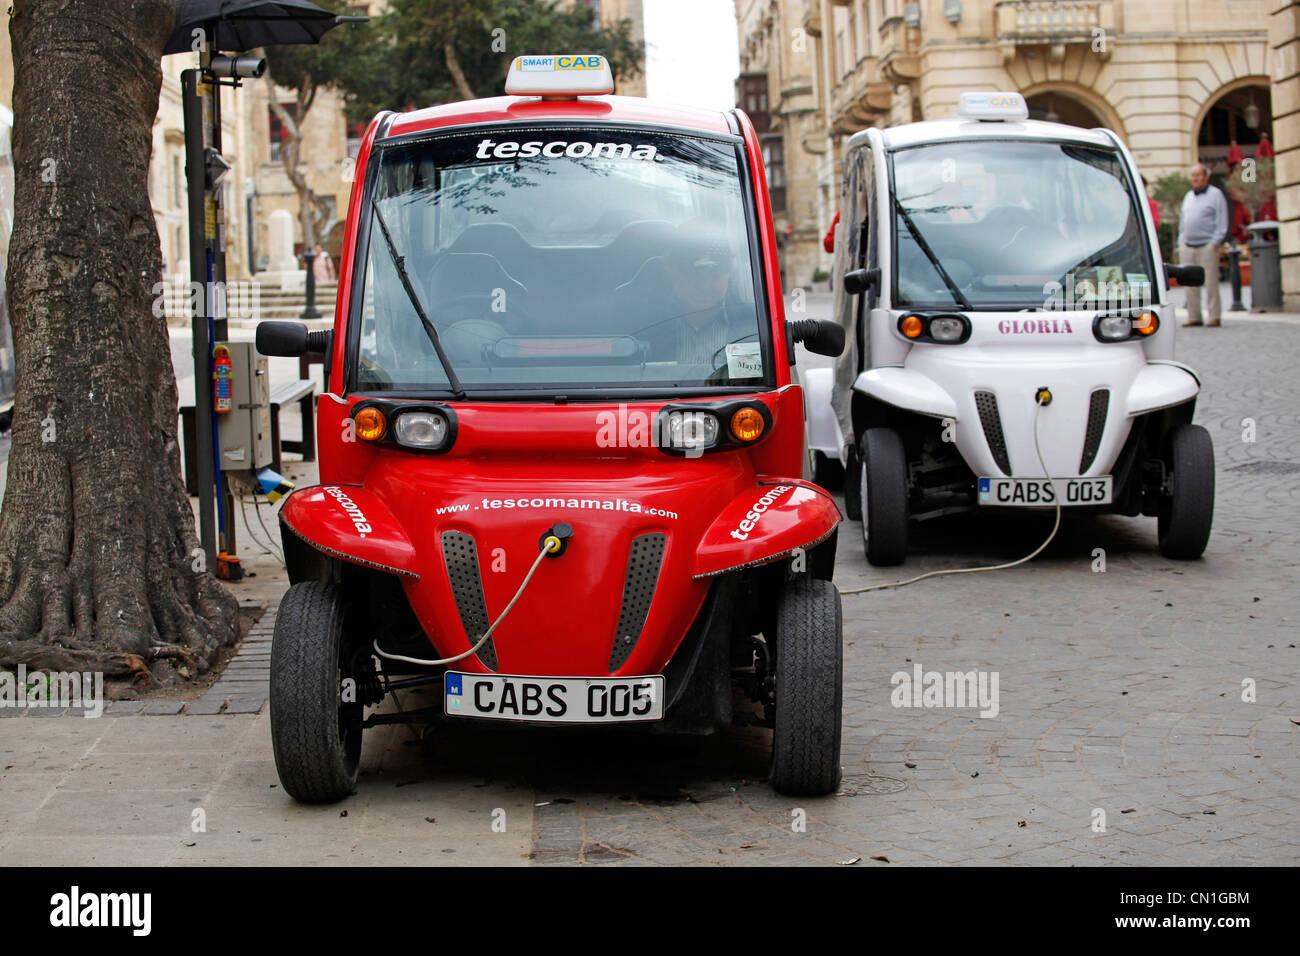 Electric smart cab taxi in Valletta, Malta - Stock Image